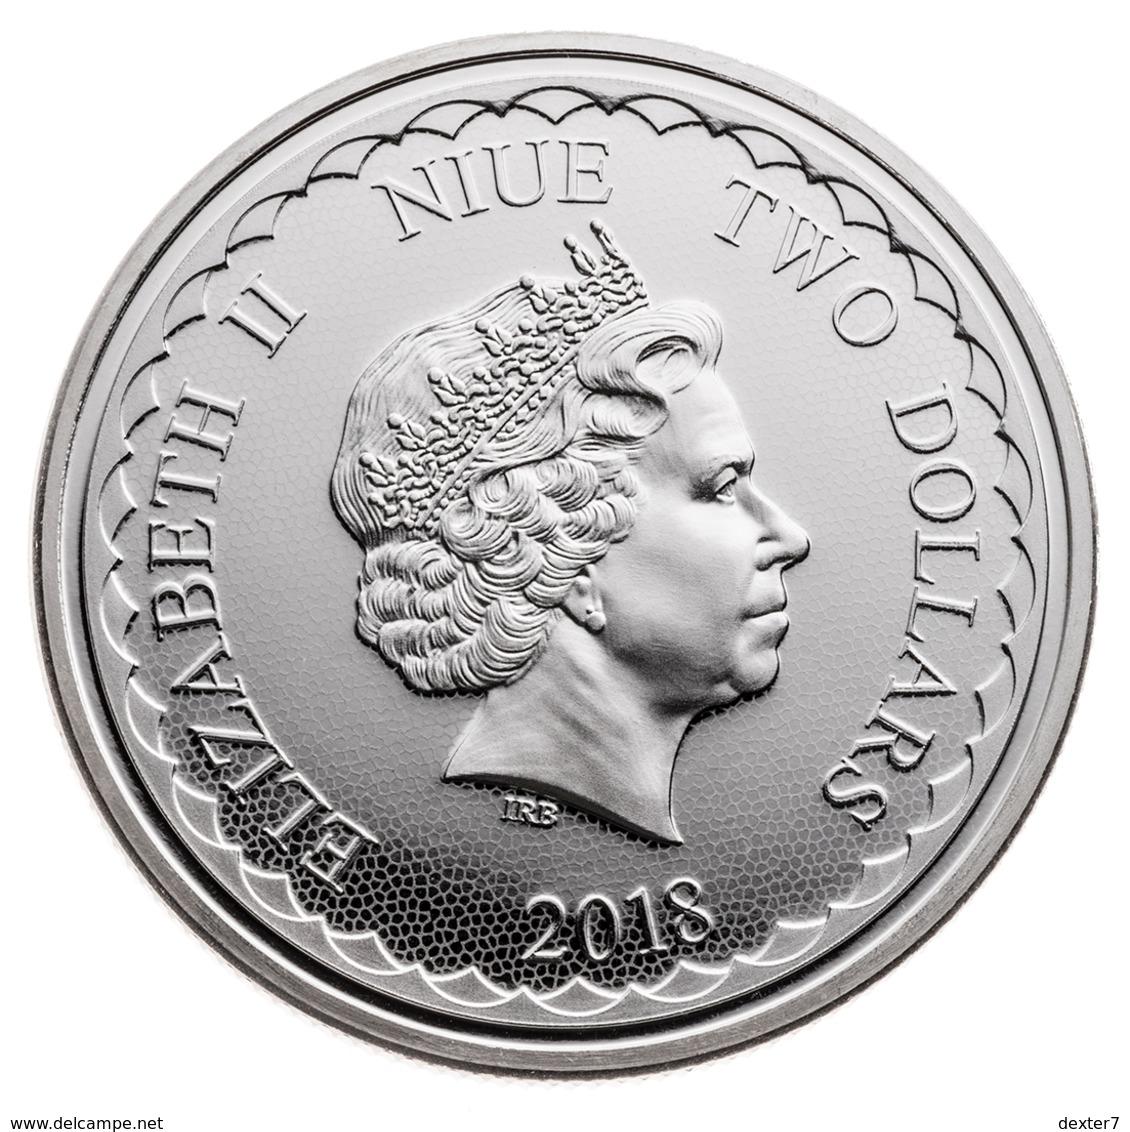 Niue, Two Dragons 1 Oz 2018 Silver 999 - 1 Oncia Argento Puro Bullion 2 Draghi - Niue